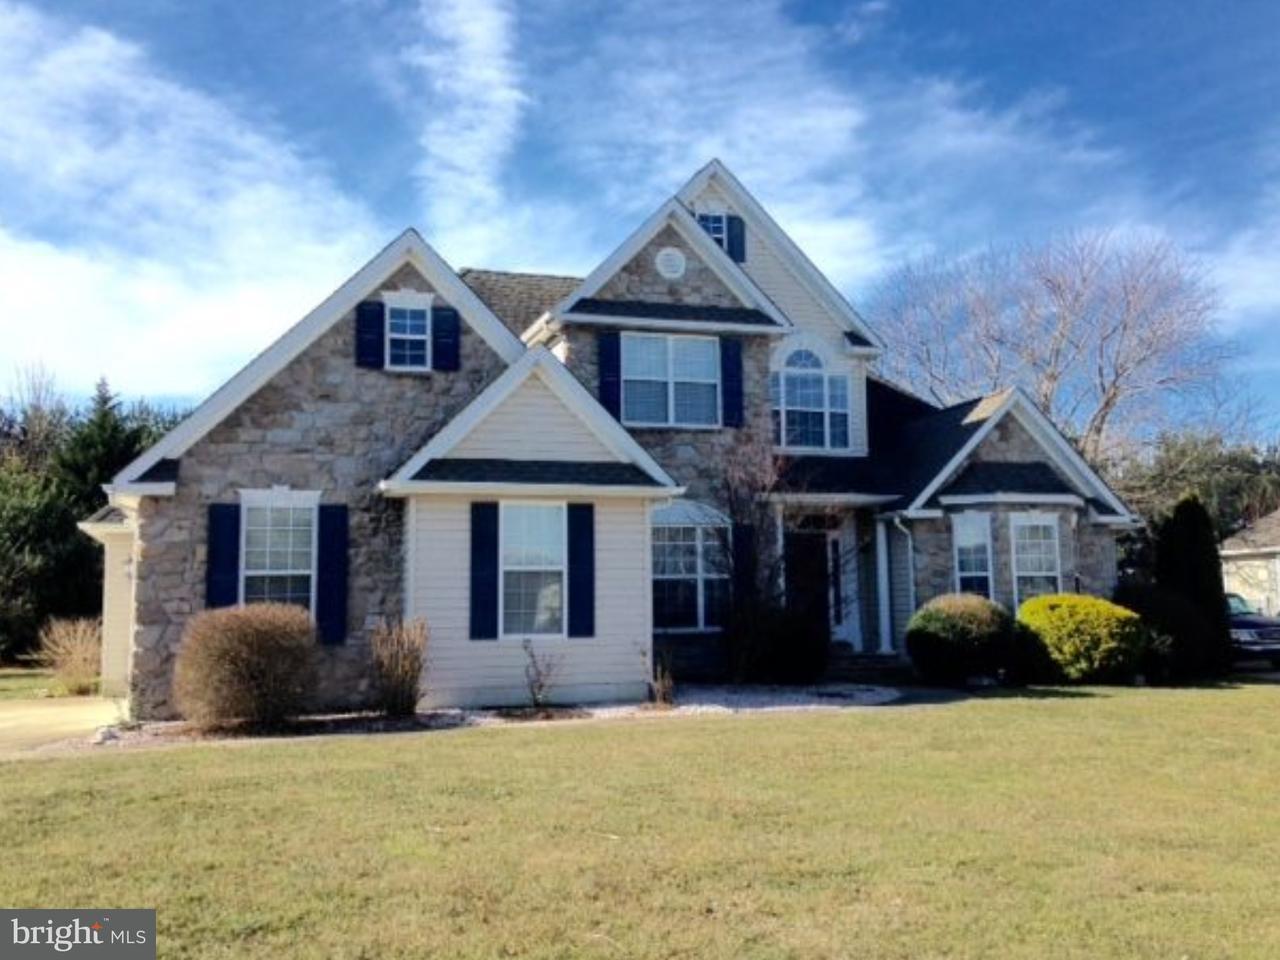 獨棟家庭住宅 為 出售 在 486 ORCHARD GROVE WAY Camden Wyoming, 特拉華州 19934 美國